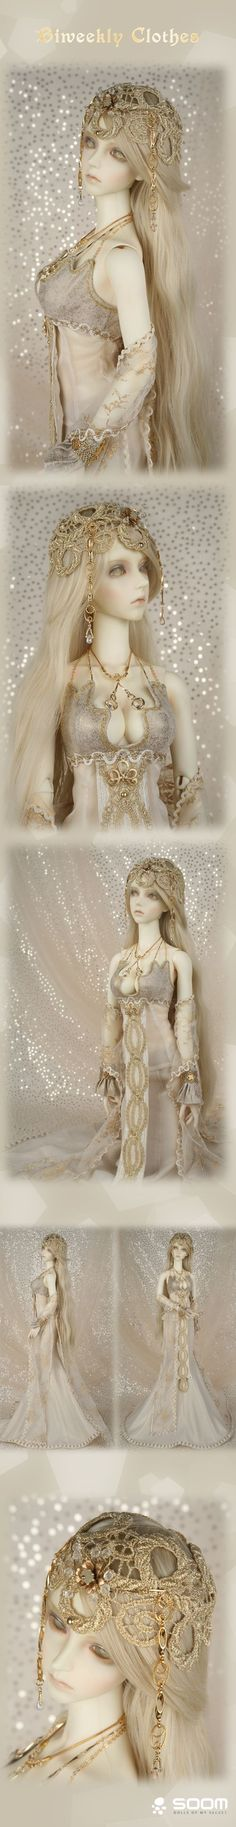 Легенда о кукле... наряд для одной из своих кукол